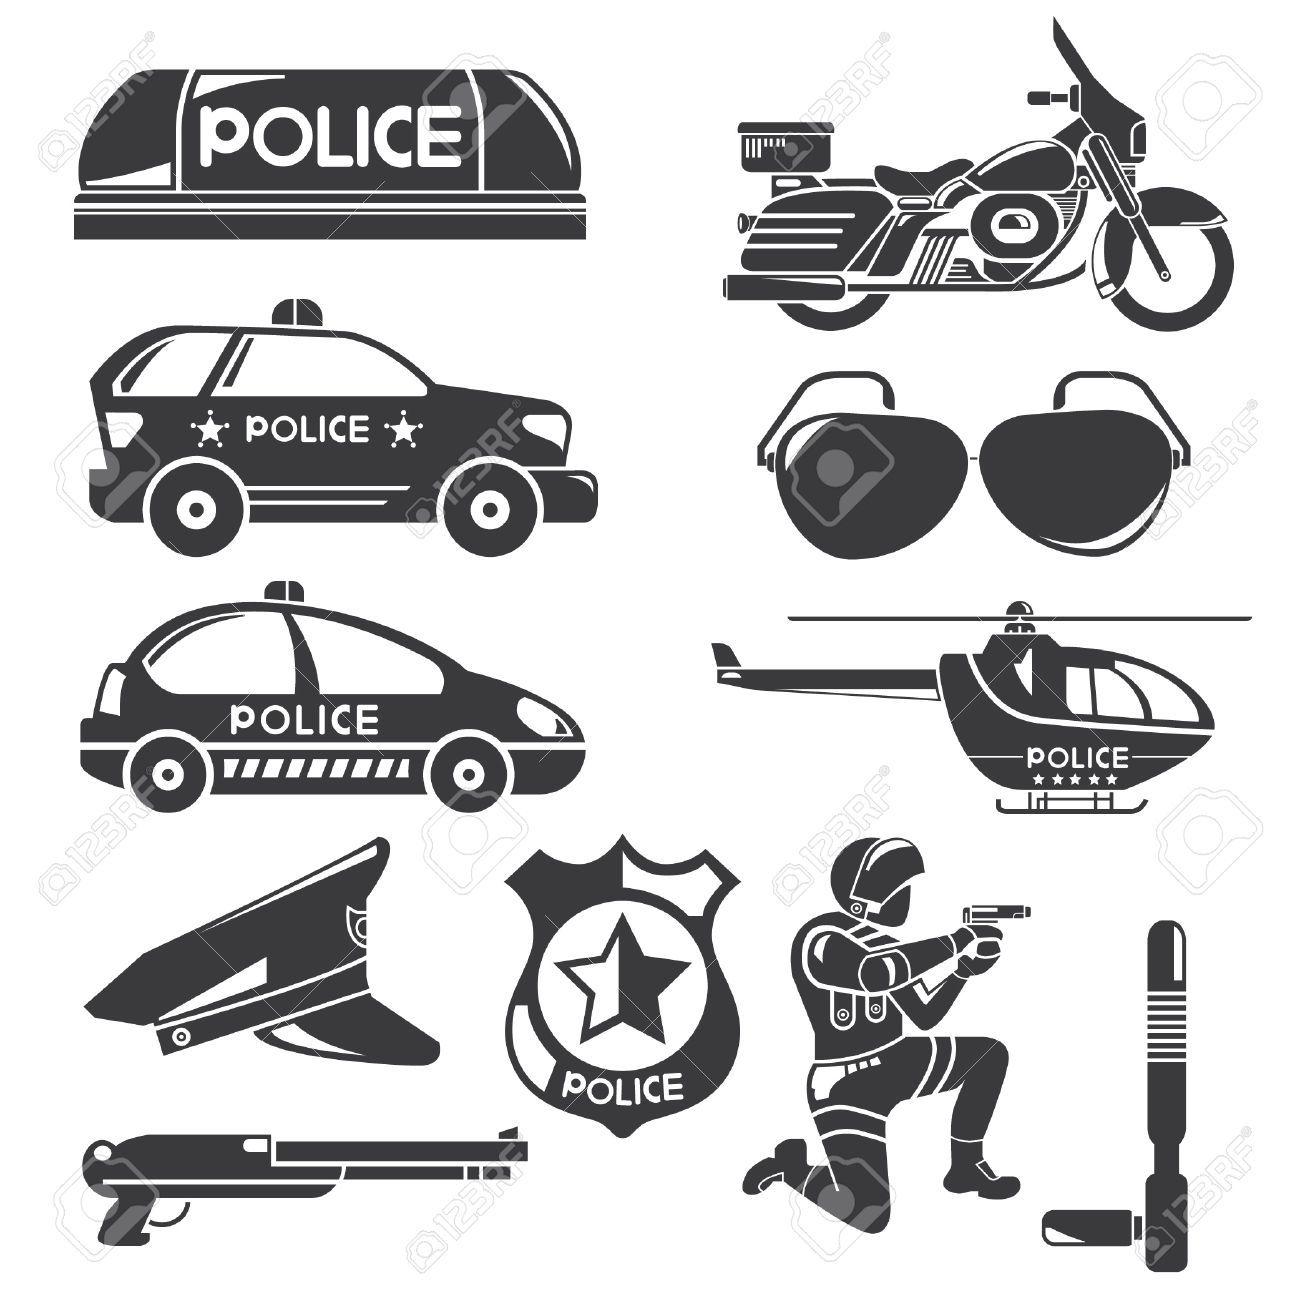 Iconos en blanco y negro de la polic a ilustraciones vectoriales